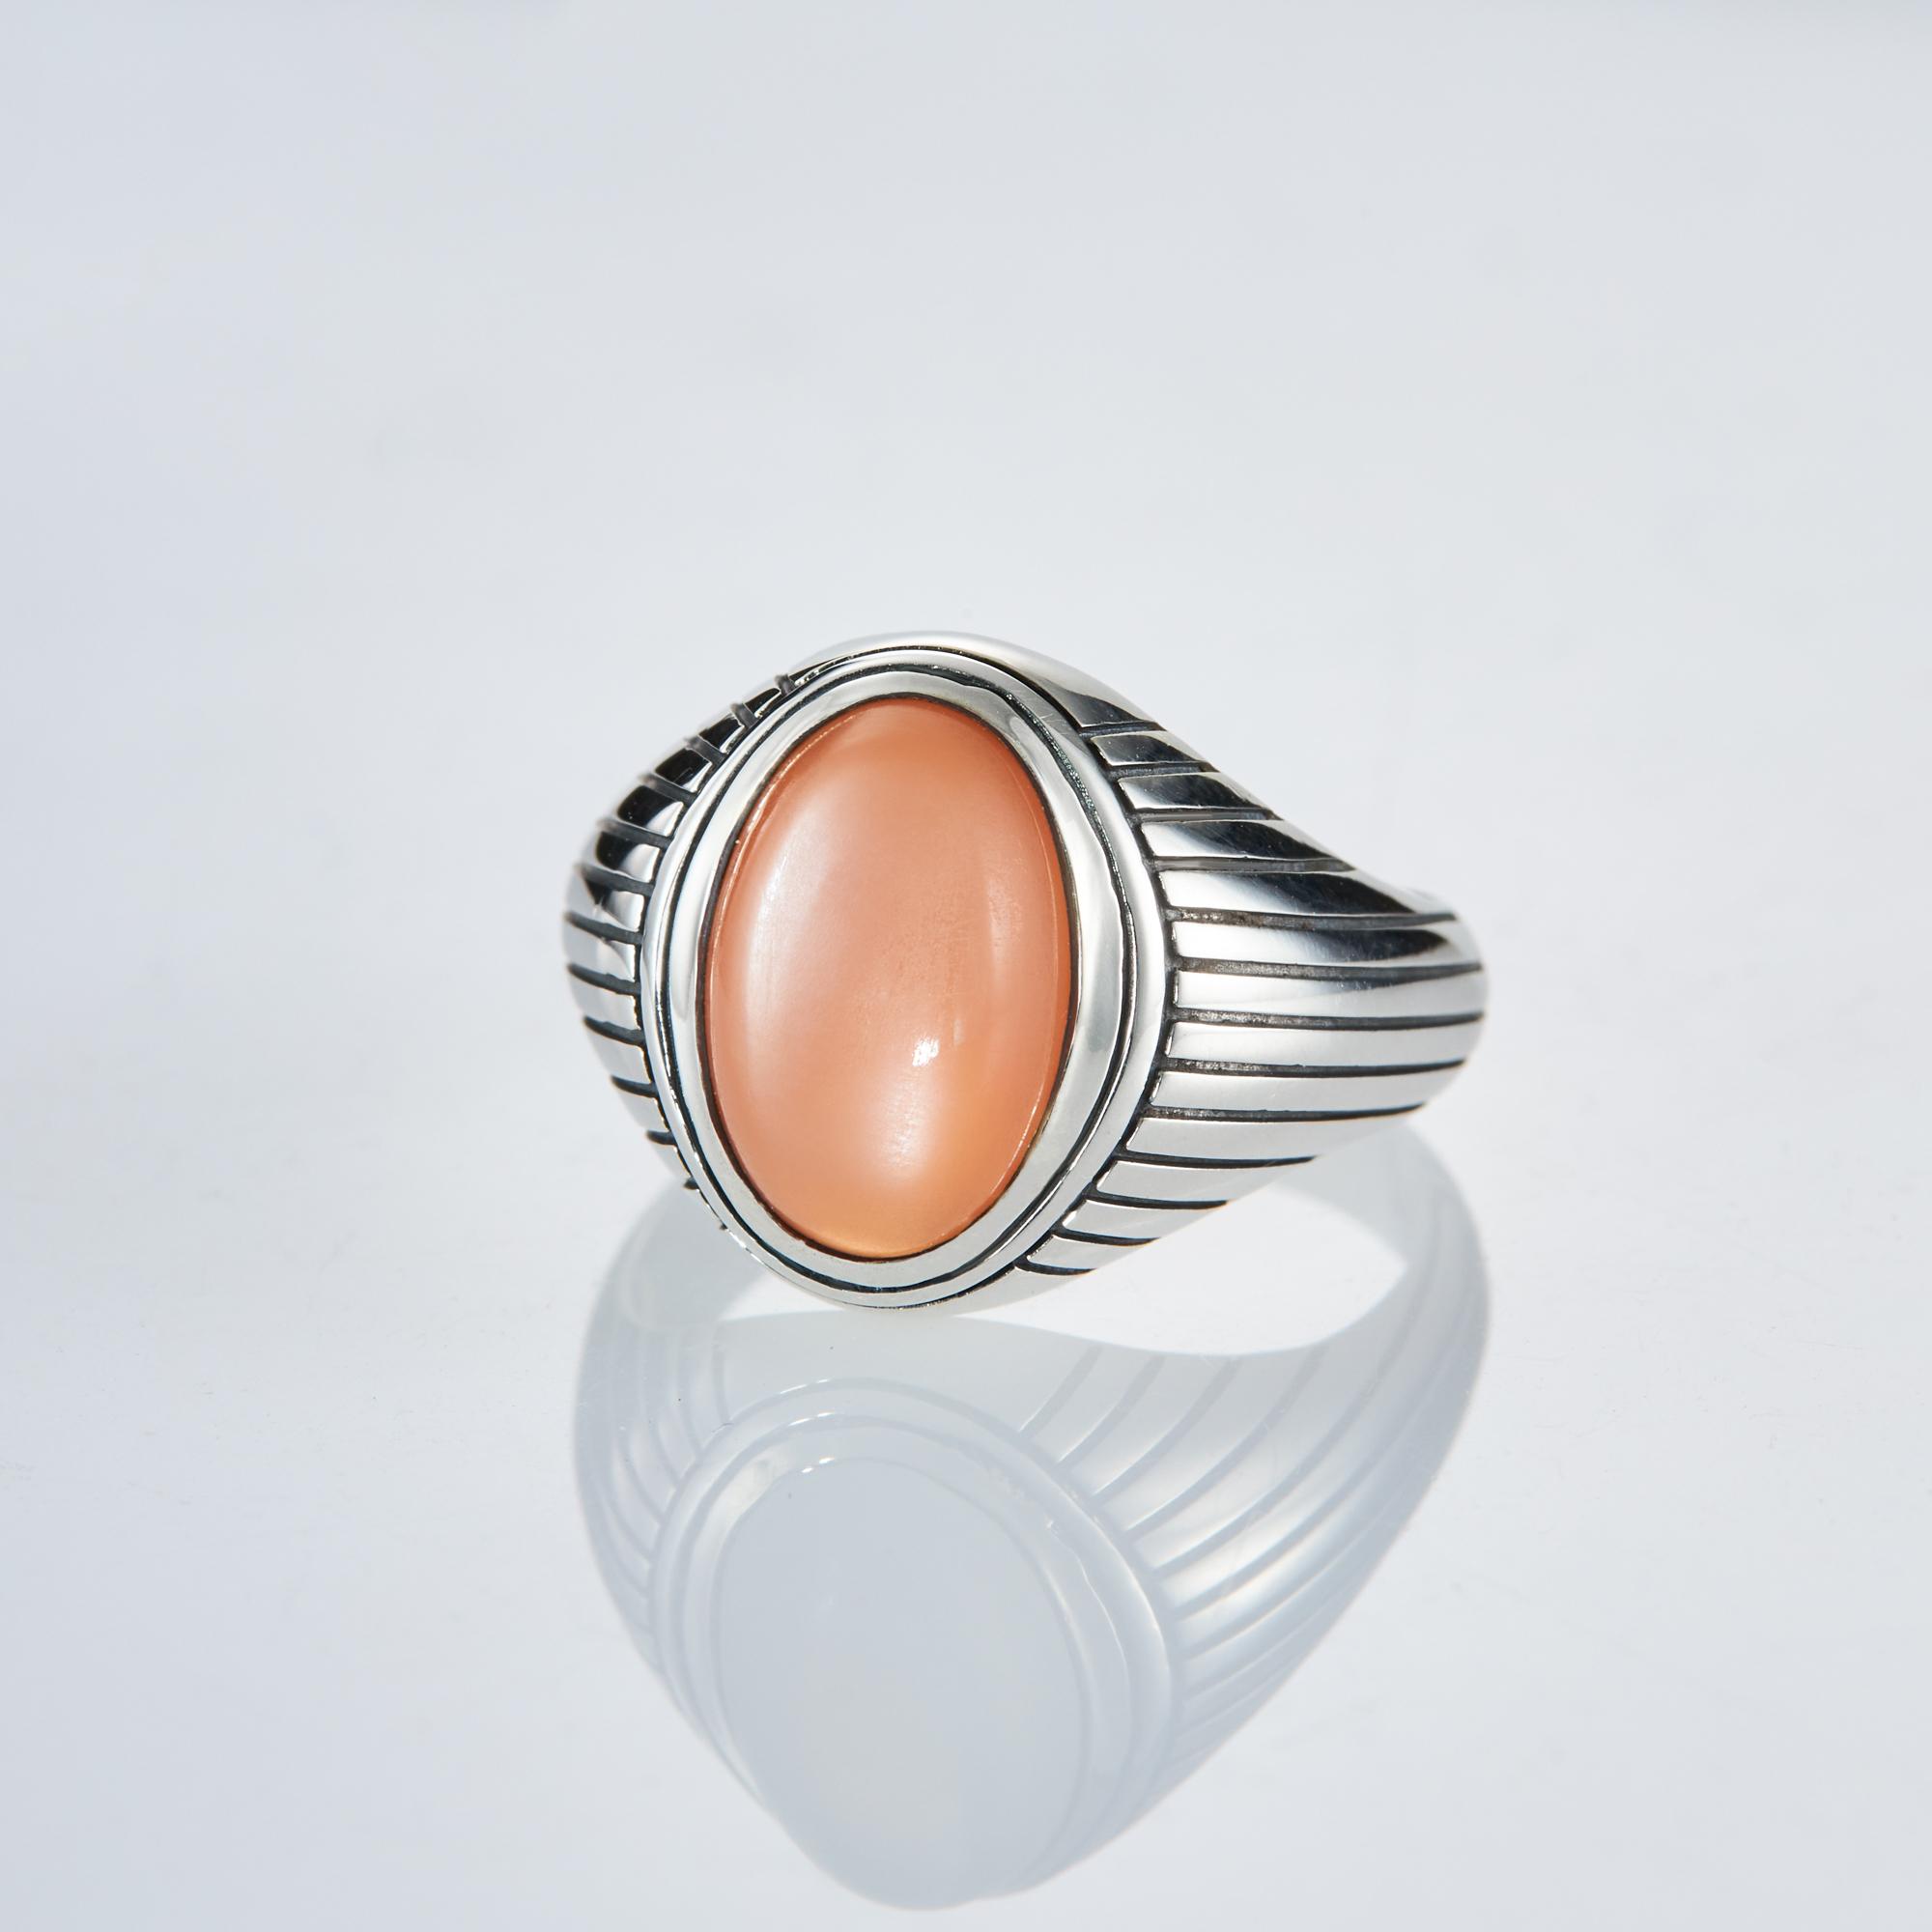 Кольцо HORUS - Персиковый лунный камень